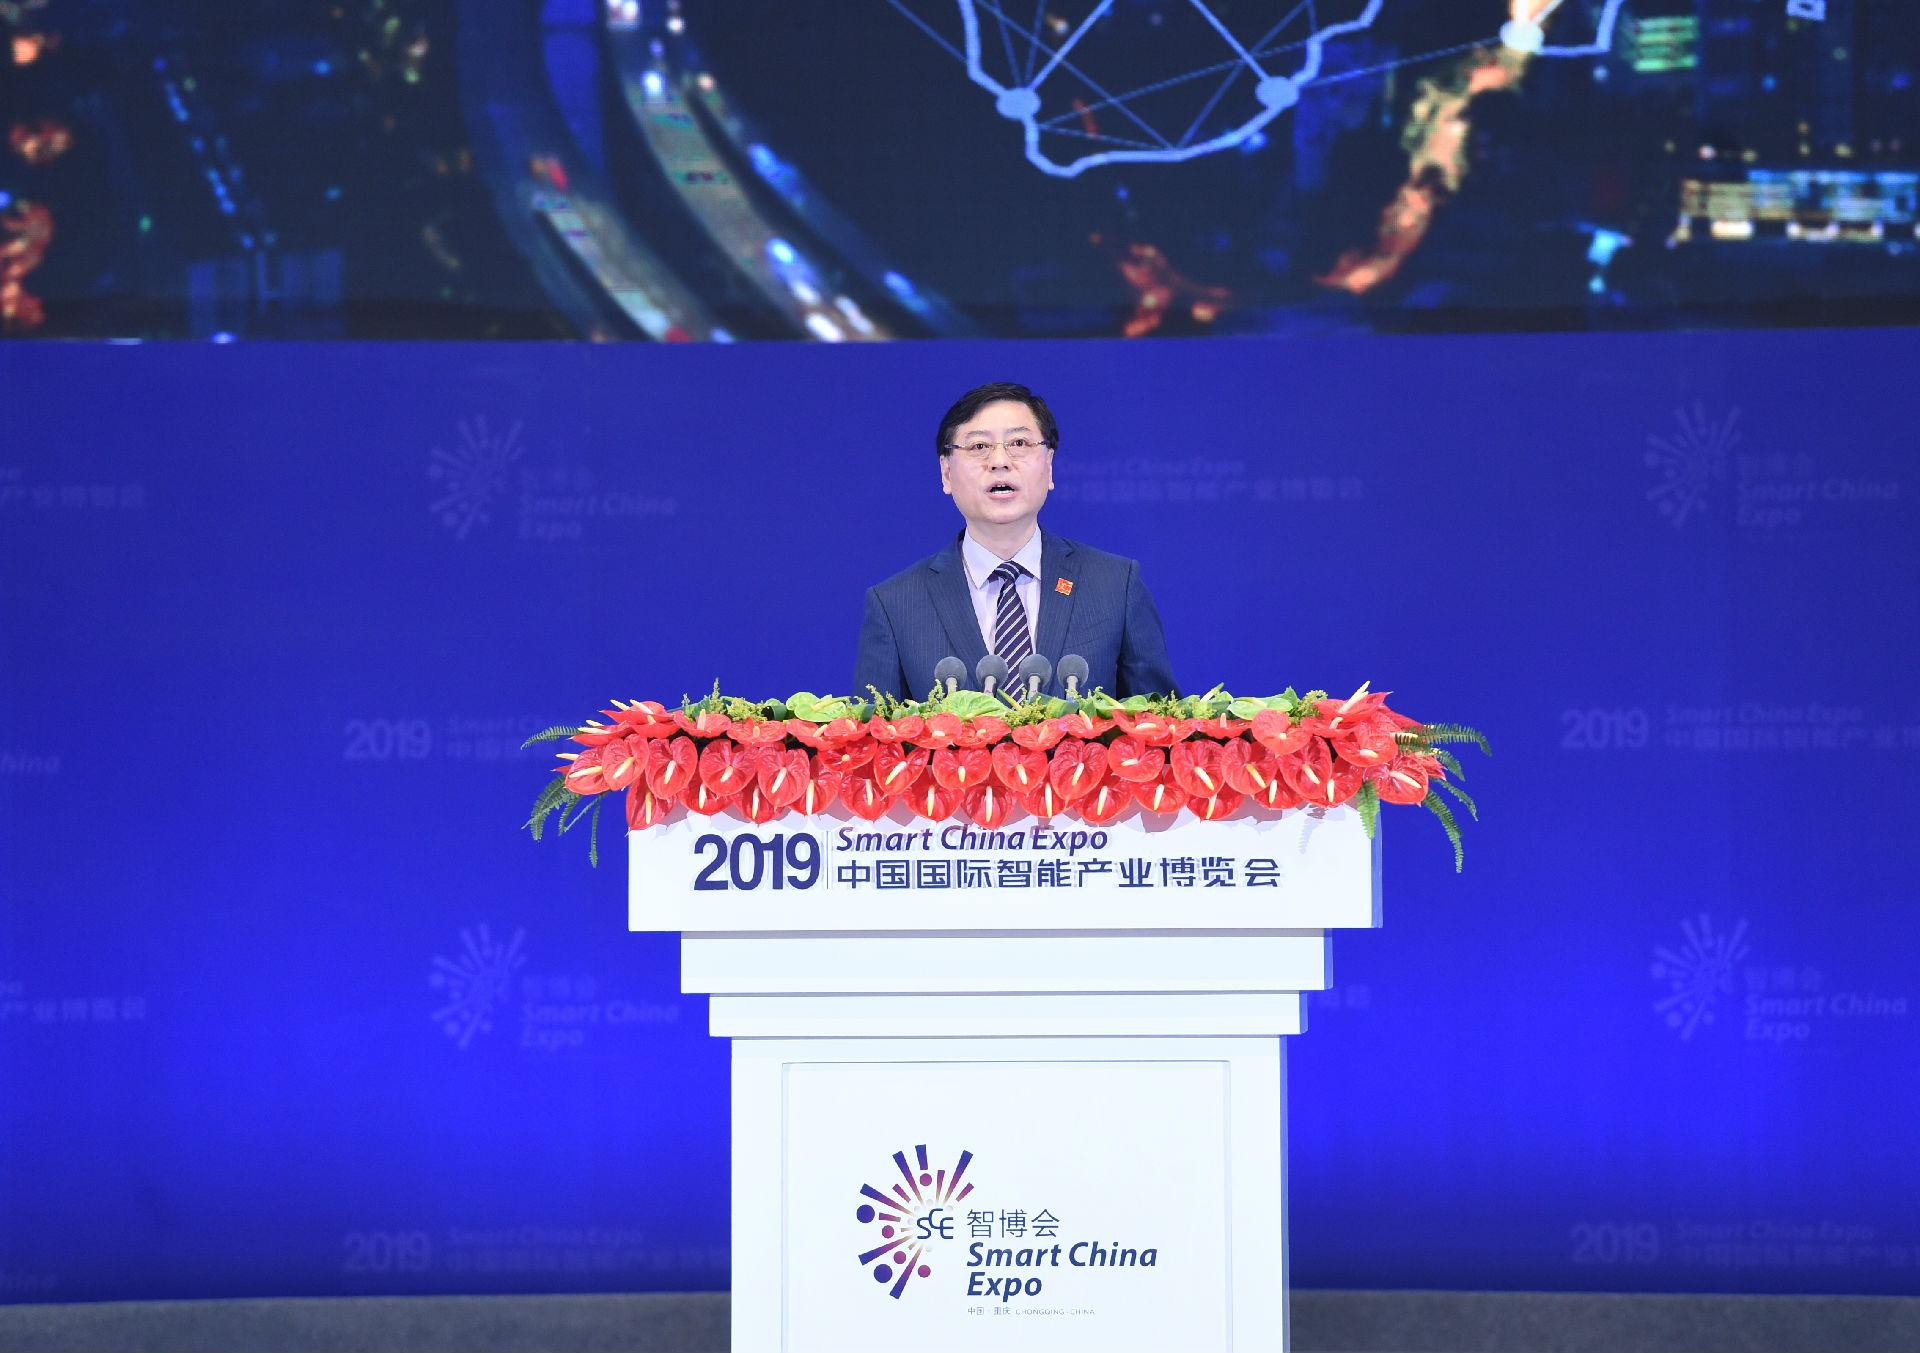 联想将在重庆投建5g云网融合总部基地,未来5年销售额或破百亿